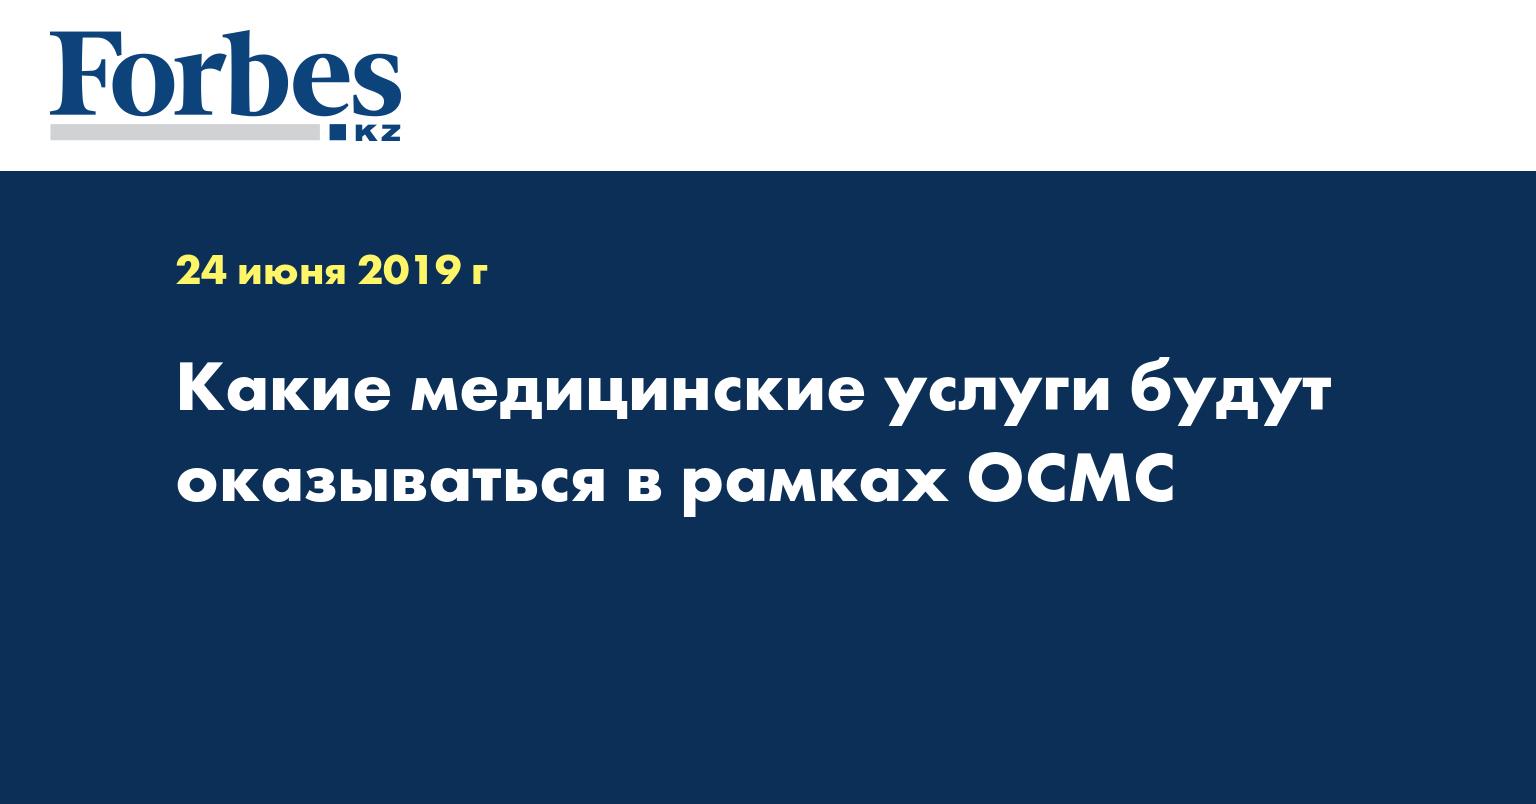 Какие медицинские услуги будут оказываться в рамках ОСМС